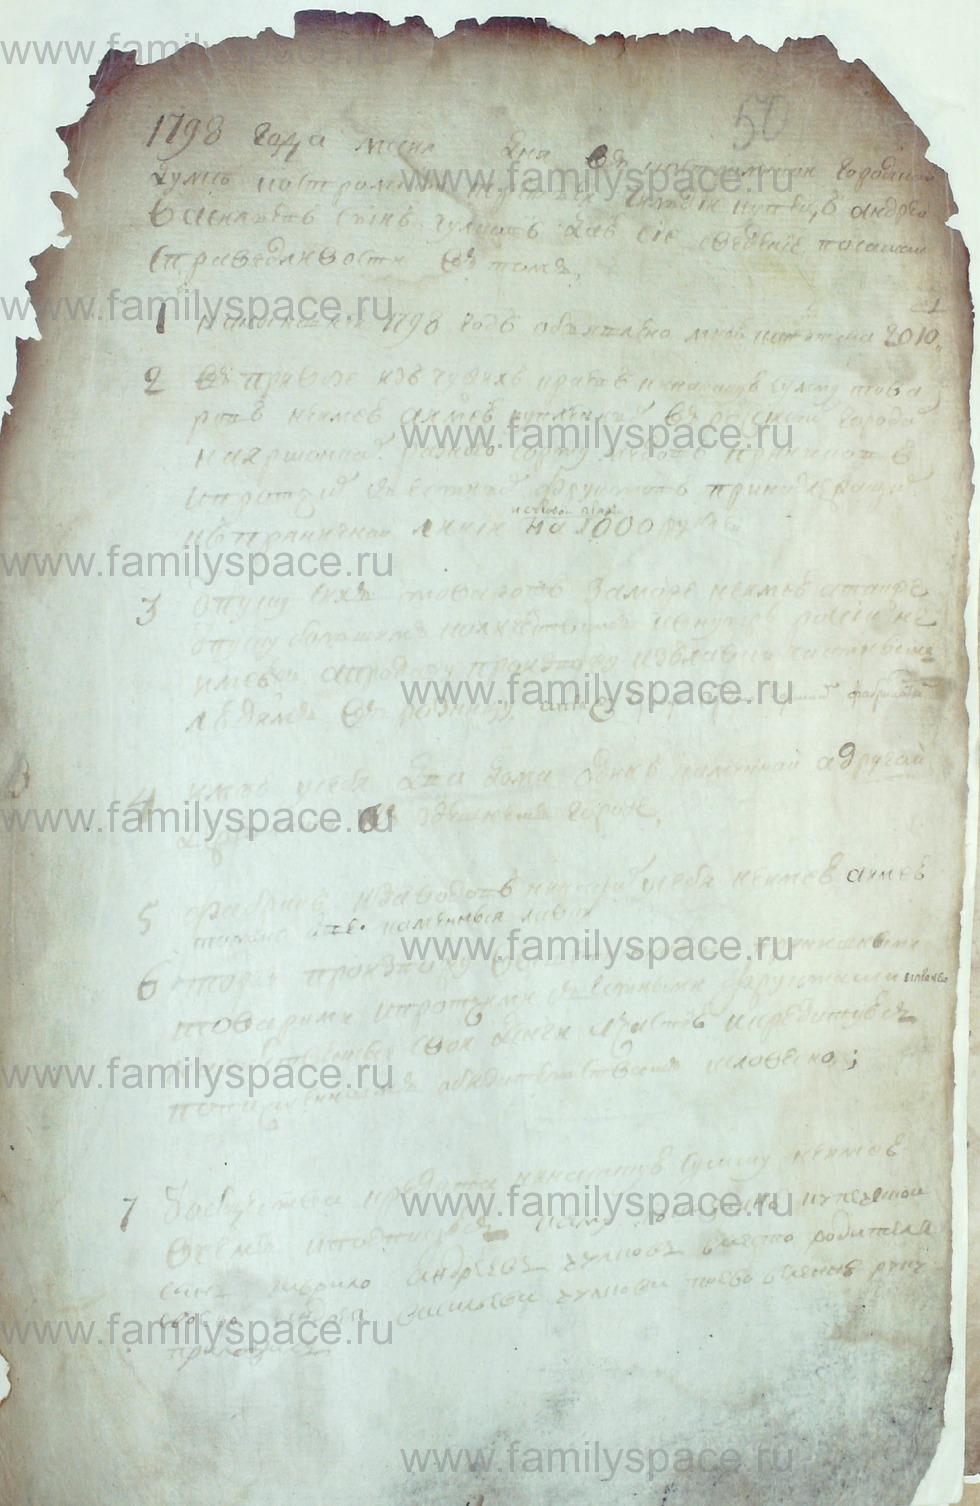 Поиск по фамилии - Сведения о купцах г. Кострома и их капиталах, страница 52